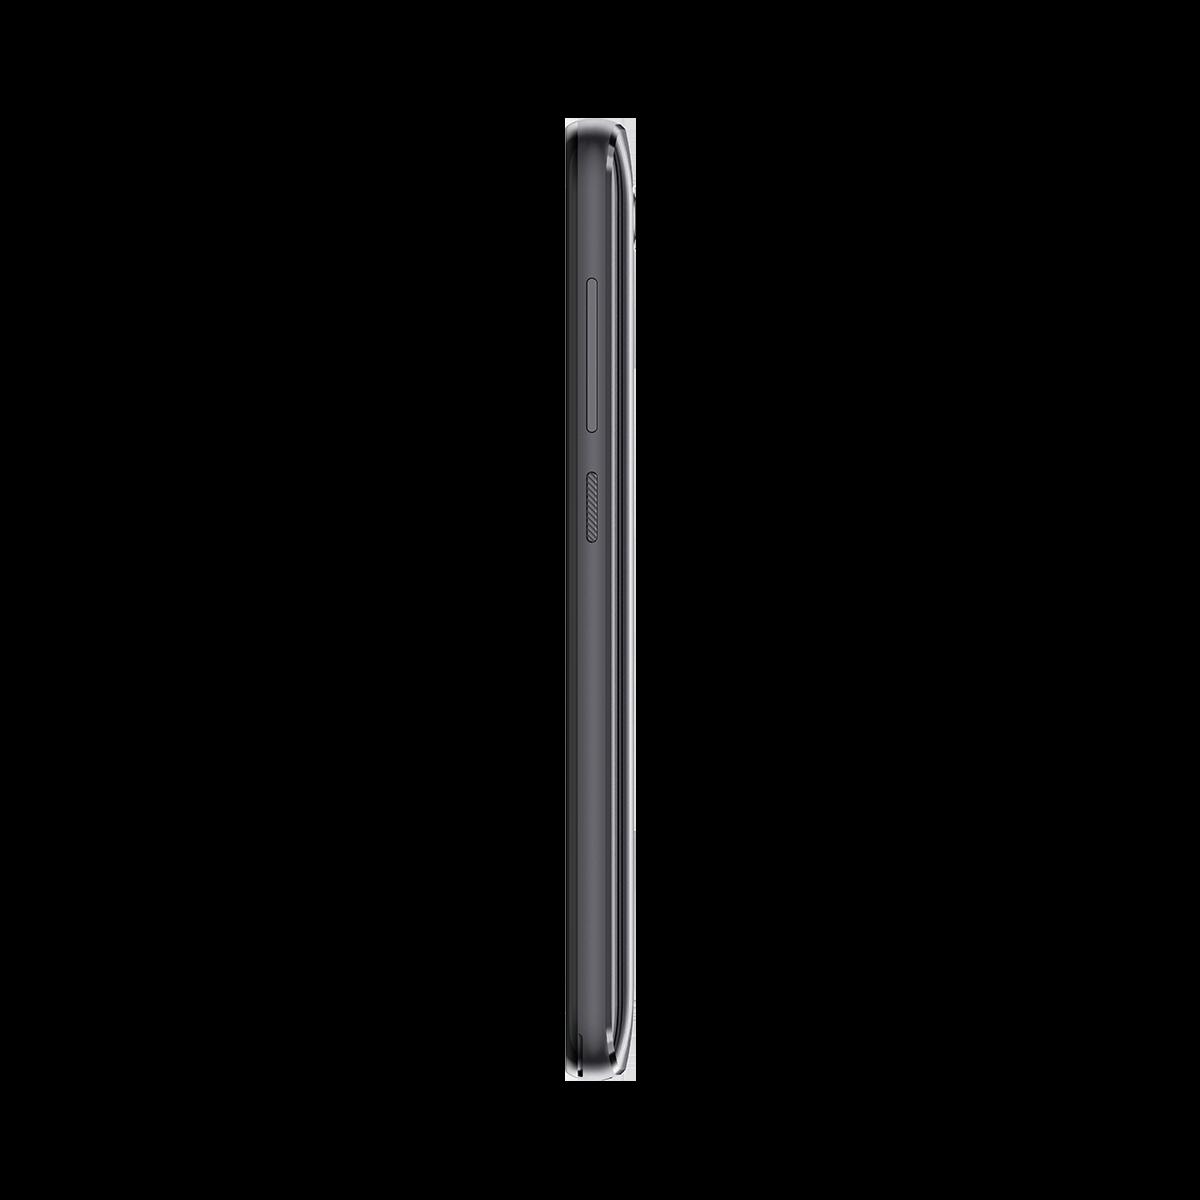 Alcatel 1 16 GB Siyah